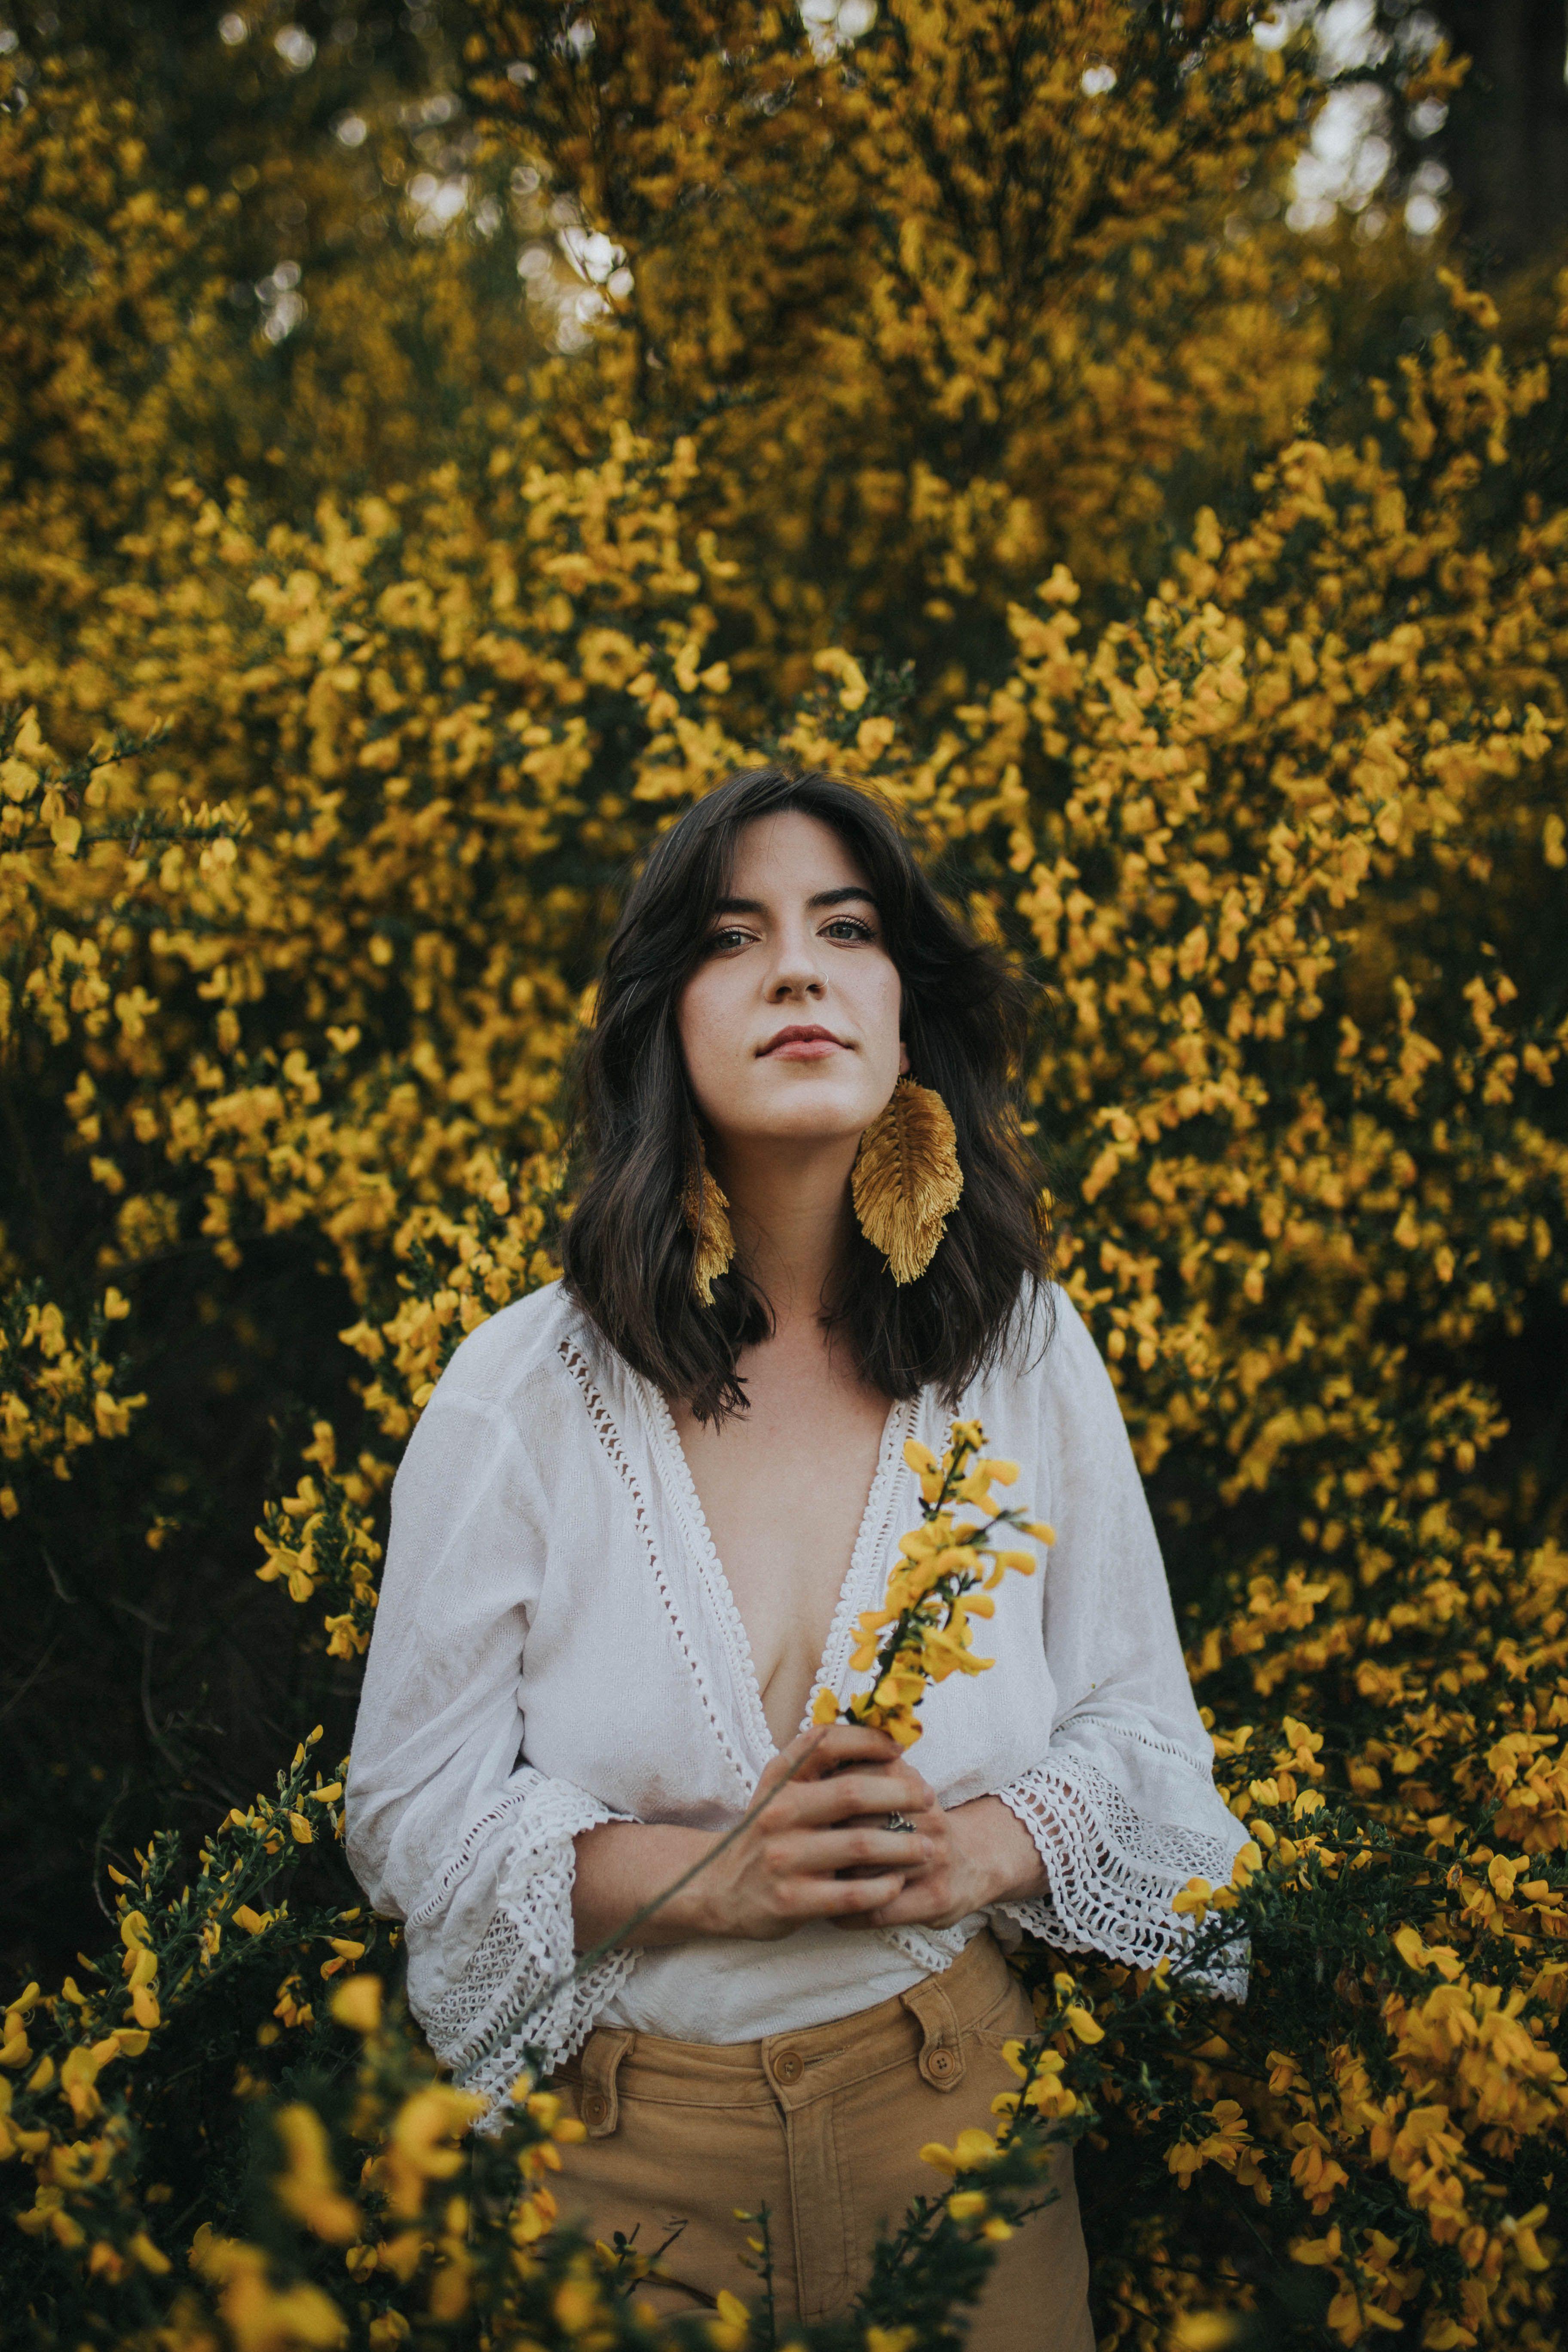 Flower Portrait Photography Portrait Photography With Flowers Flower Photography Bellingham Wa Flower Photoshoot Portrait Photography Flowers Photography